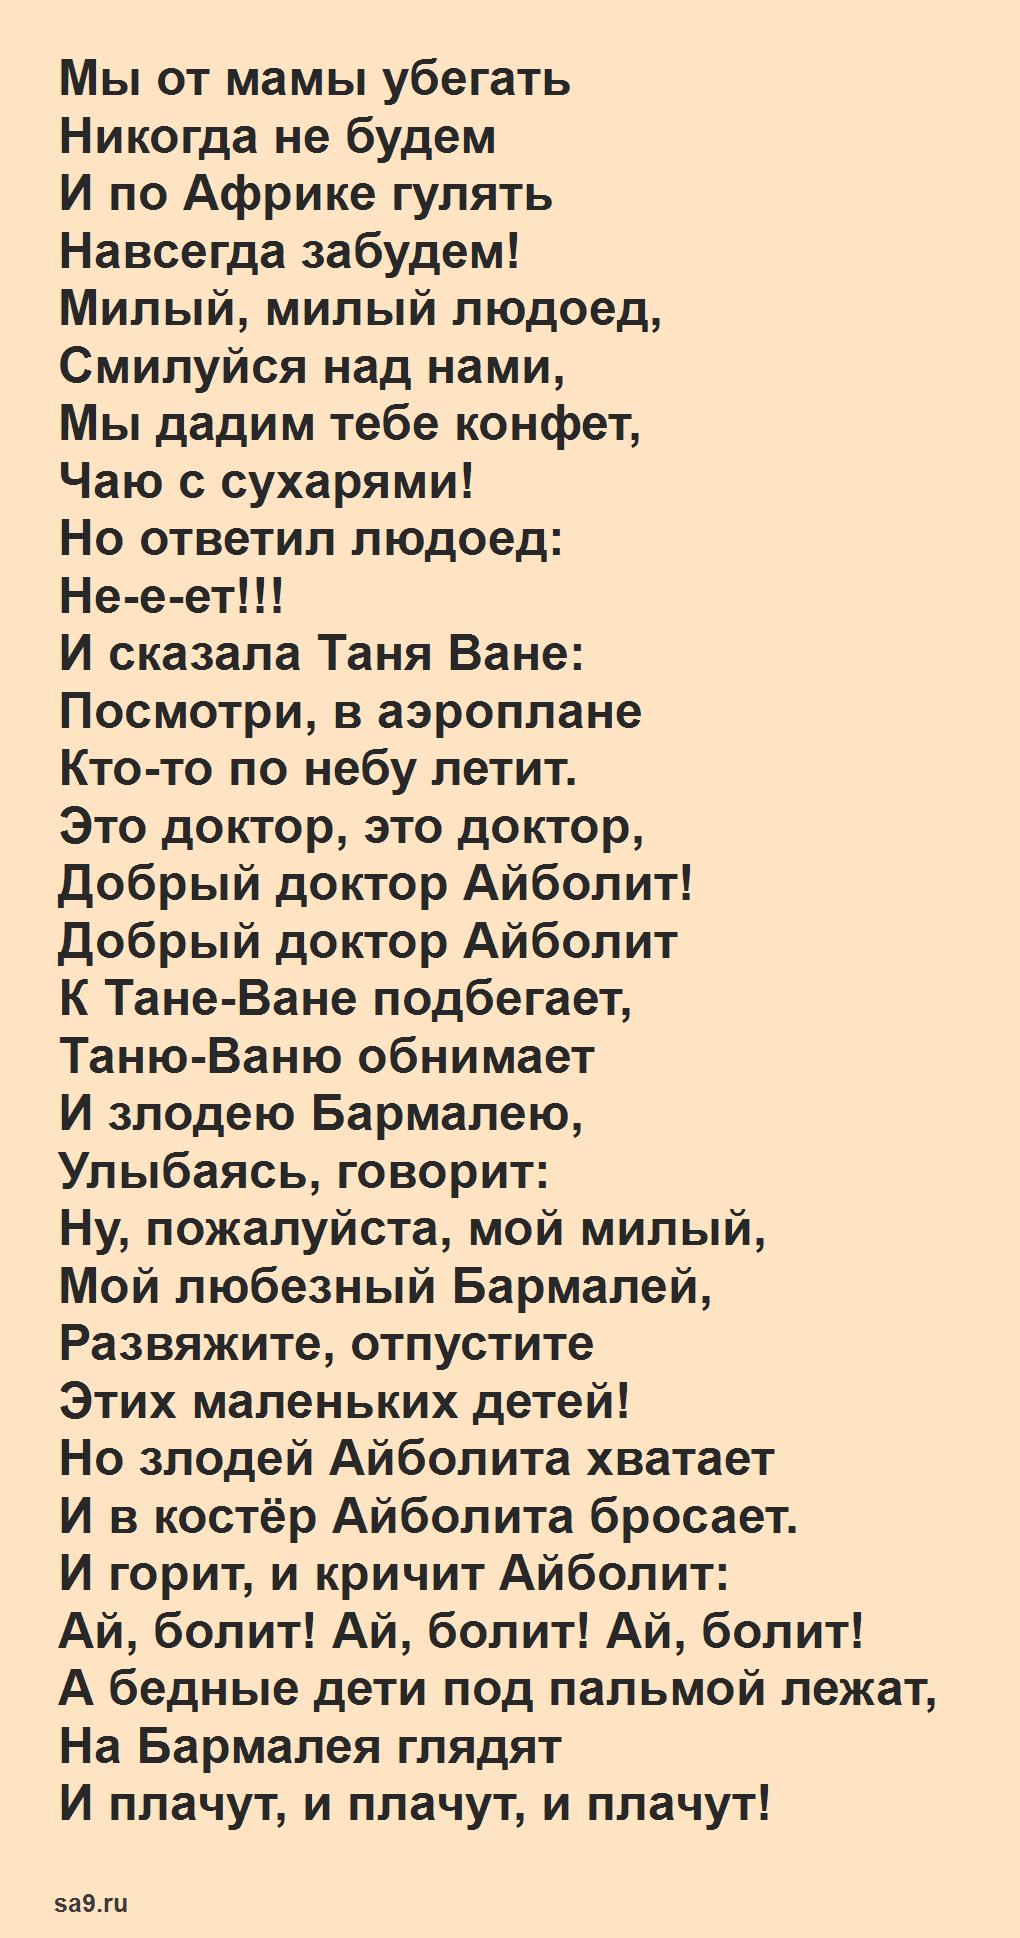 Читать сказку Чуковского 'Бармалей', полностью